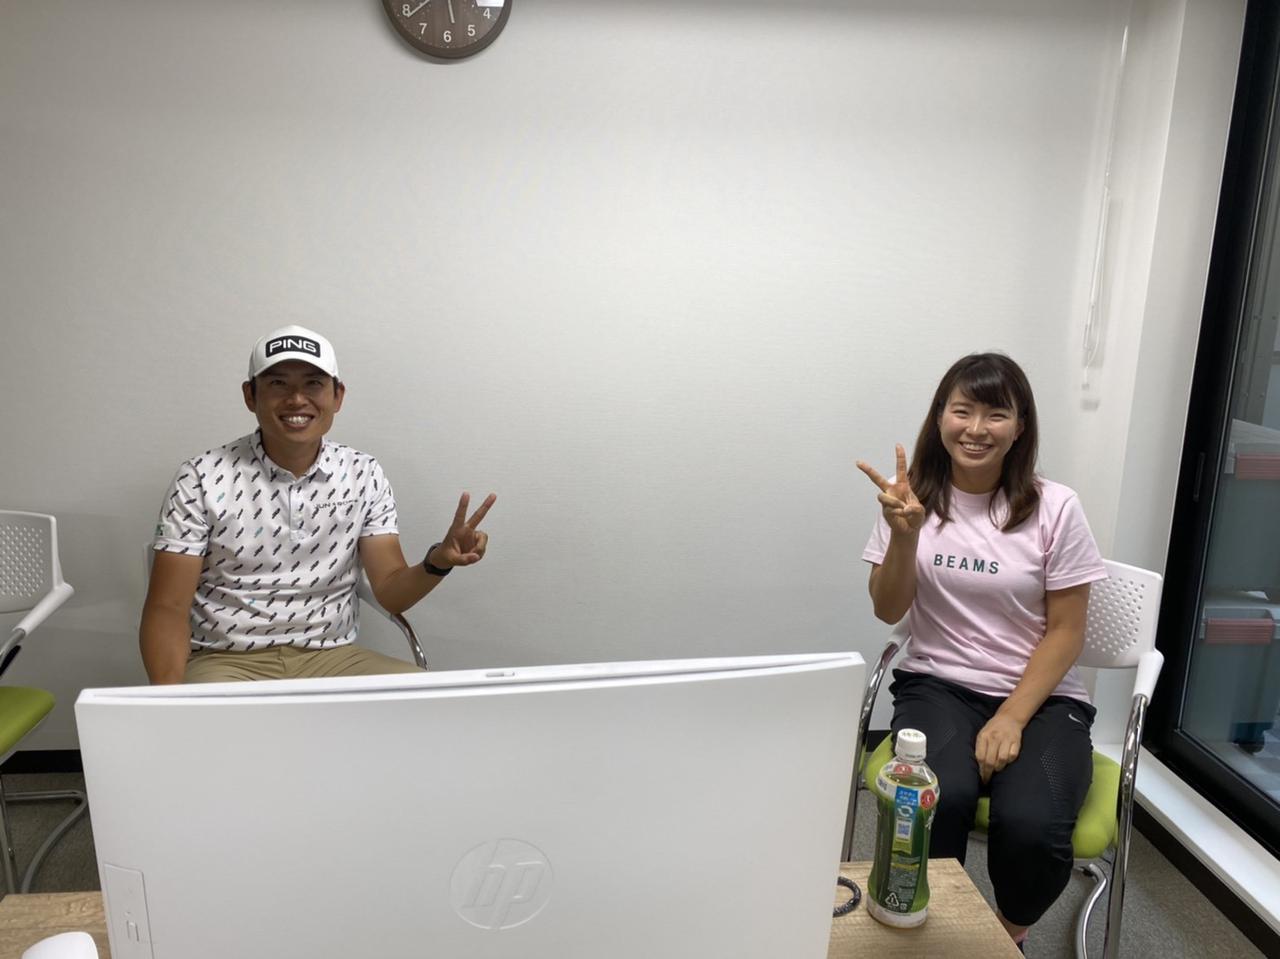 画像: ゴルフメディア向けリモート記者会見を実施した青木翔(左)と渋野日向子(右)の師弟(写真は所属事務所提供のもの)